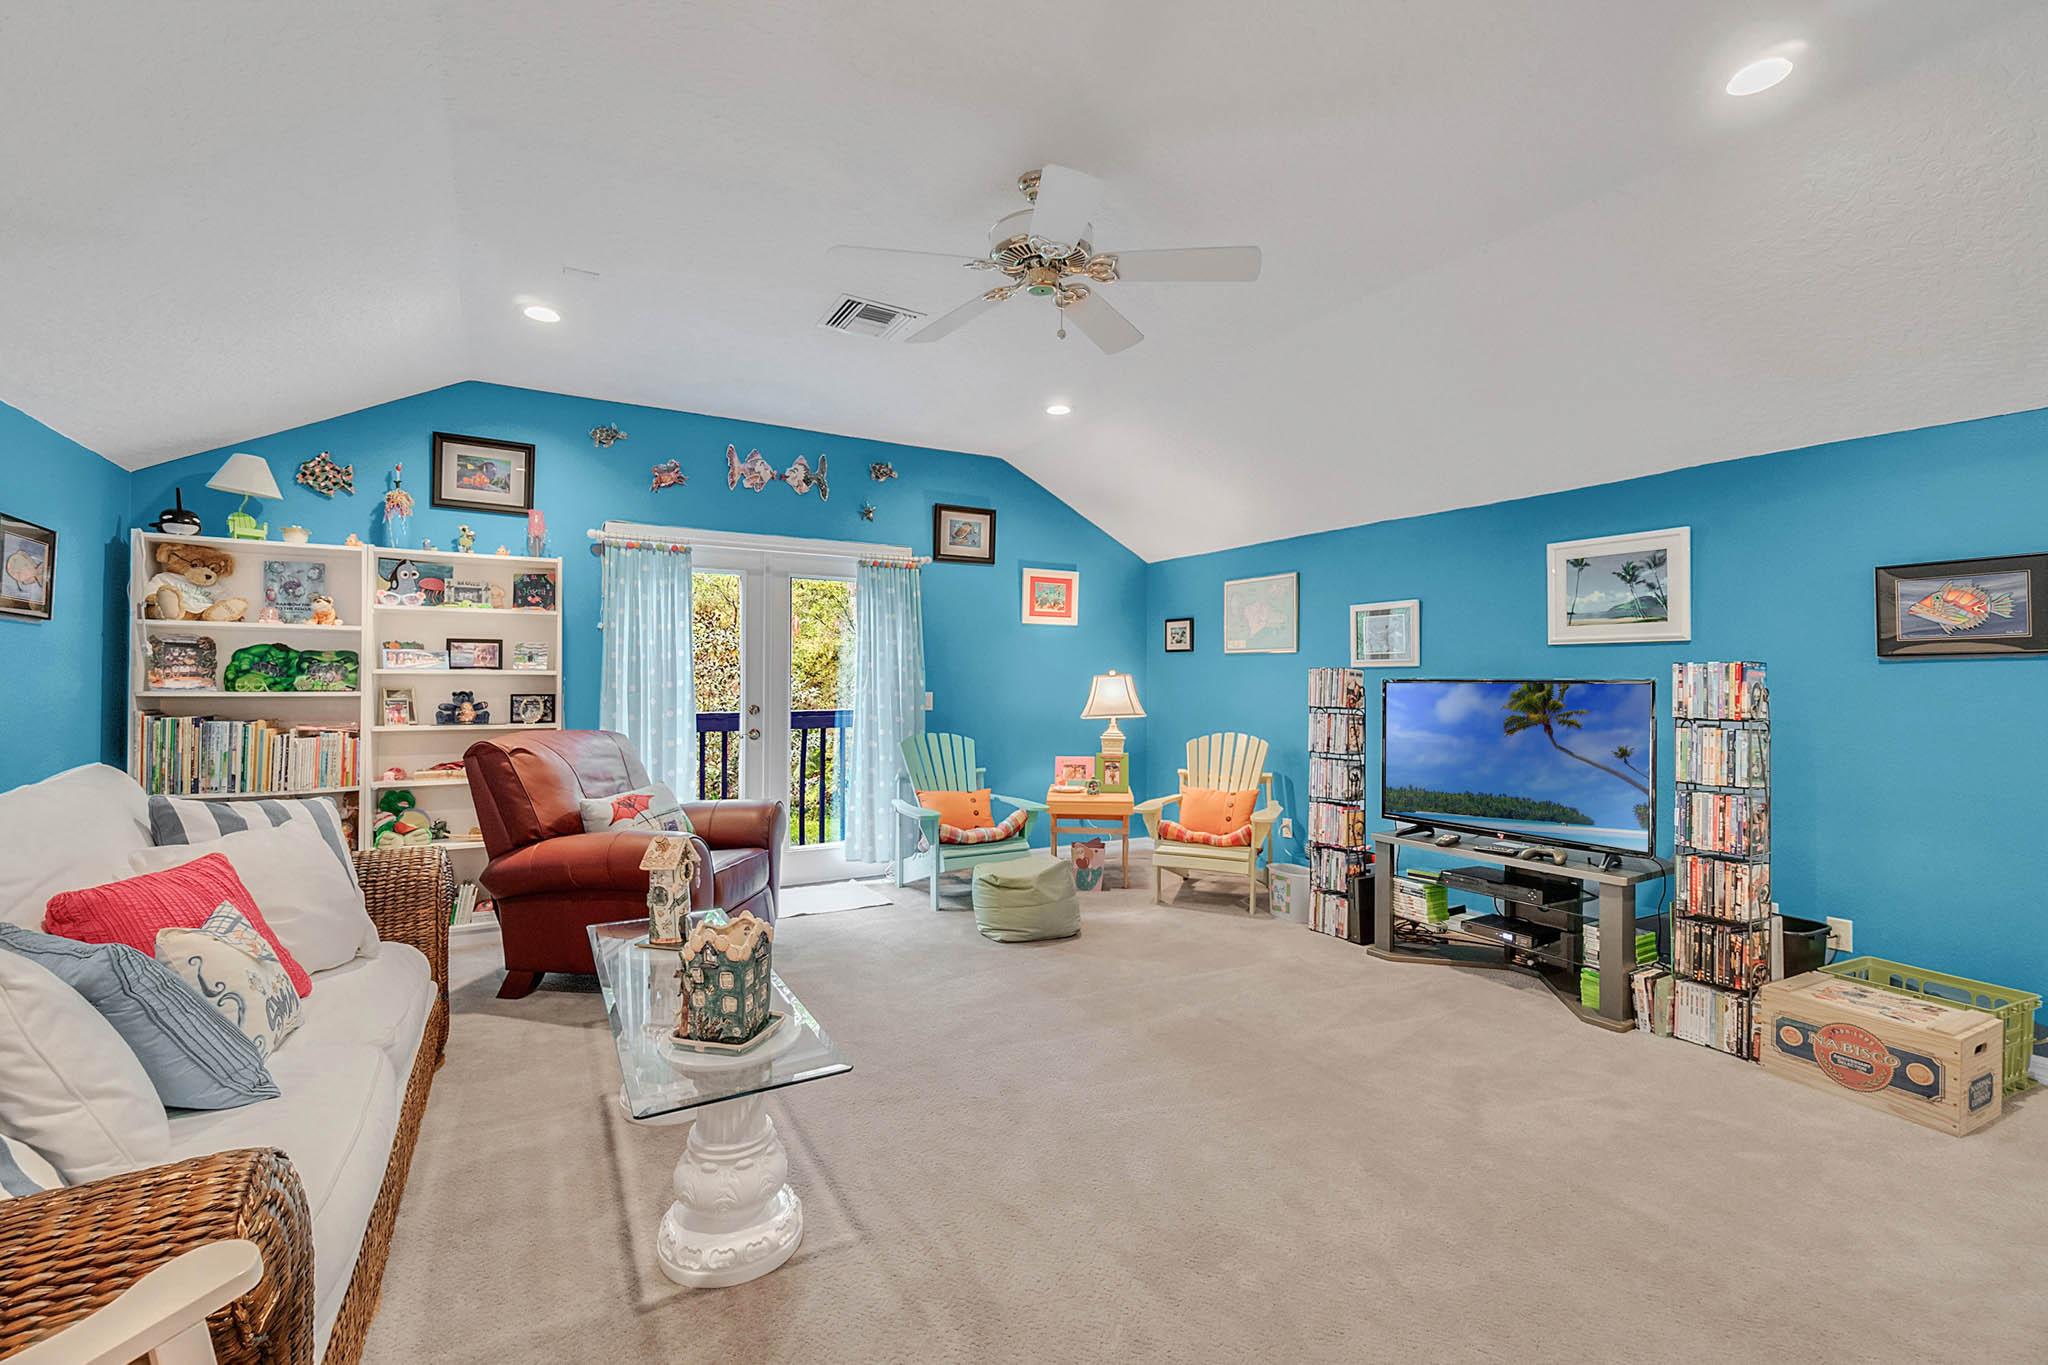 429-Fawn-Hill-Pl--Sanford--FL-32771----23---Bpnus-Room.jpg